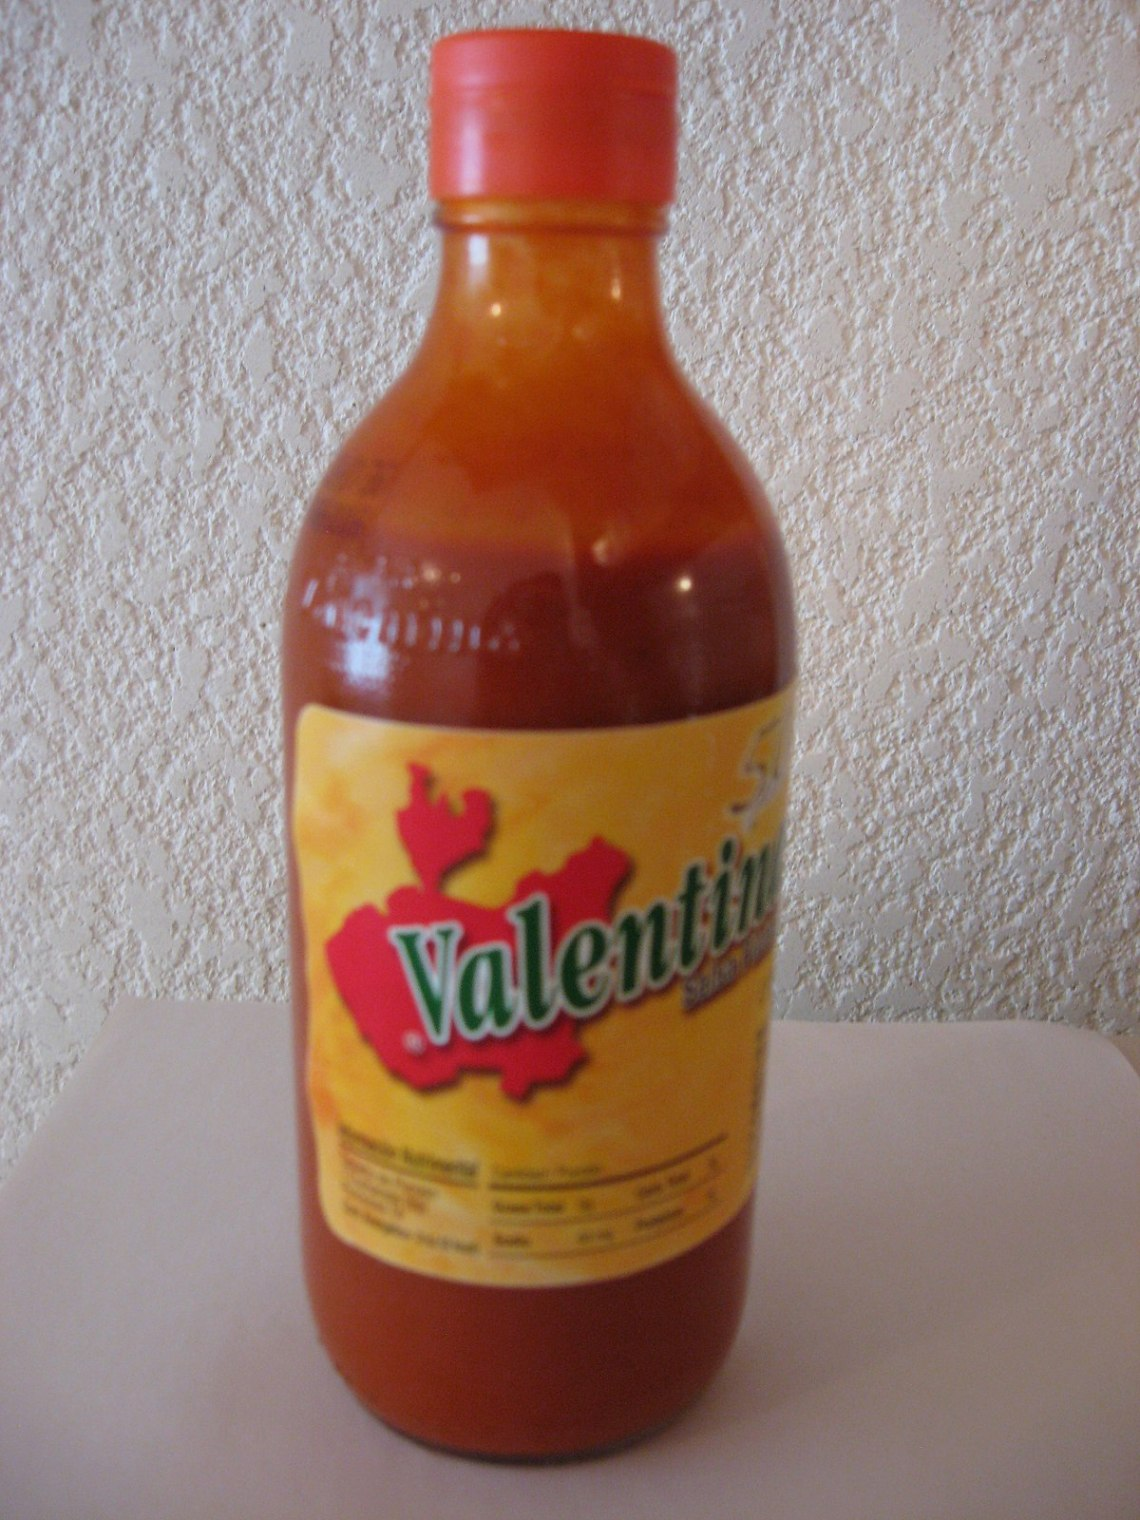 Image Result For Valentina